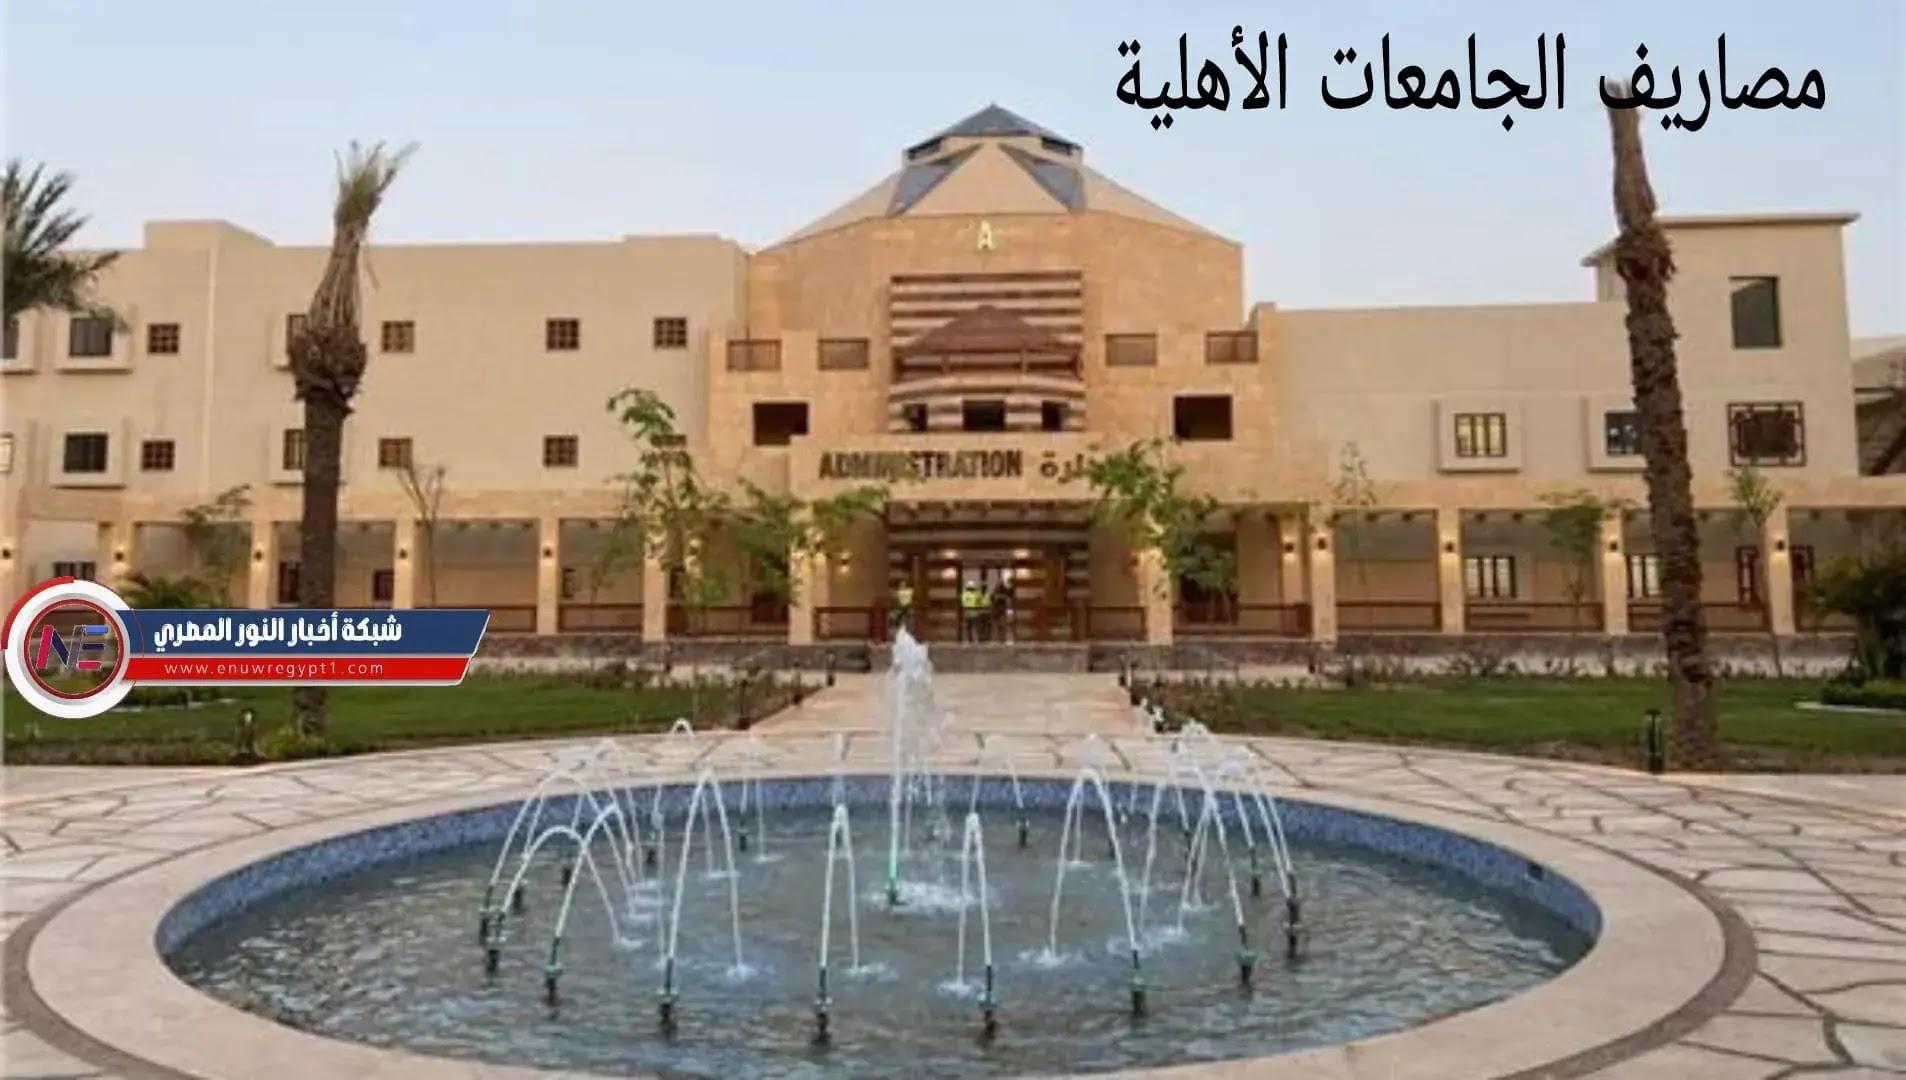 مصاريف الجامعات الأهلية 2022 في مصر   تنسيق وشروط الالتحاق بالجامعات الاهلية للعام الدراسي الجديد2021-2021